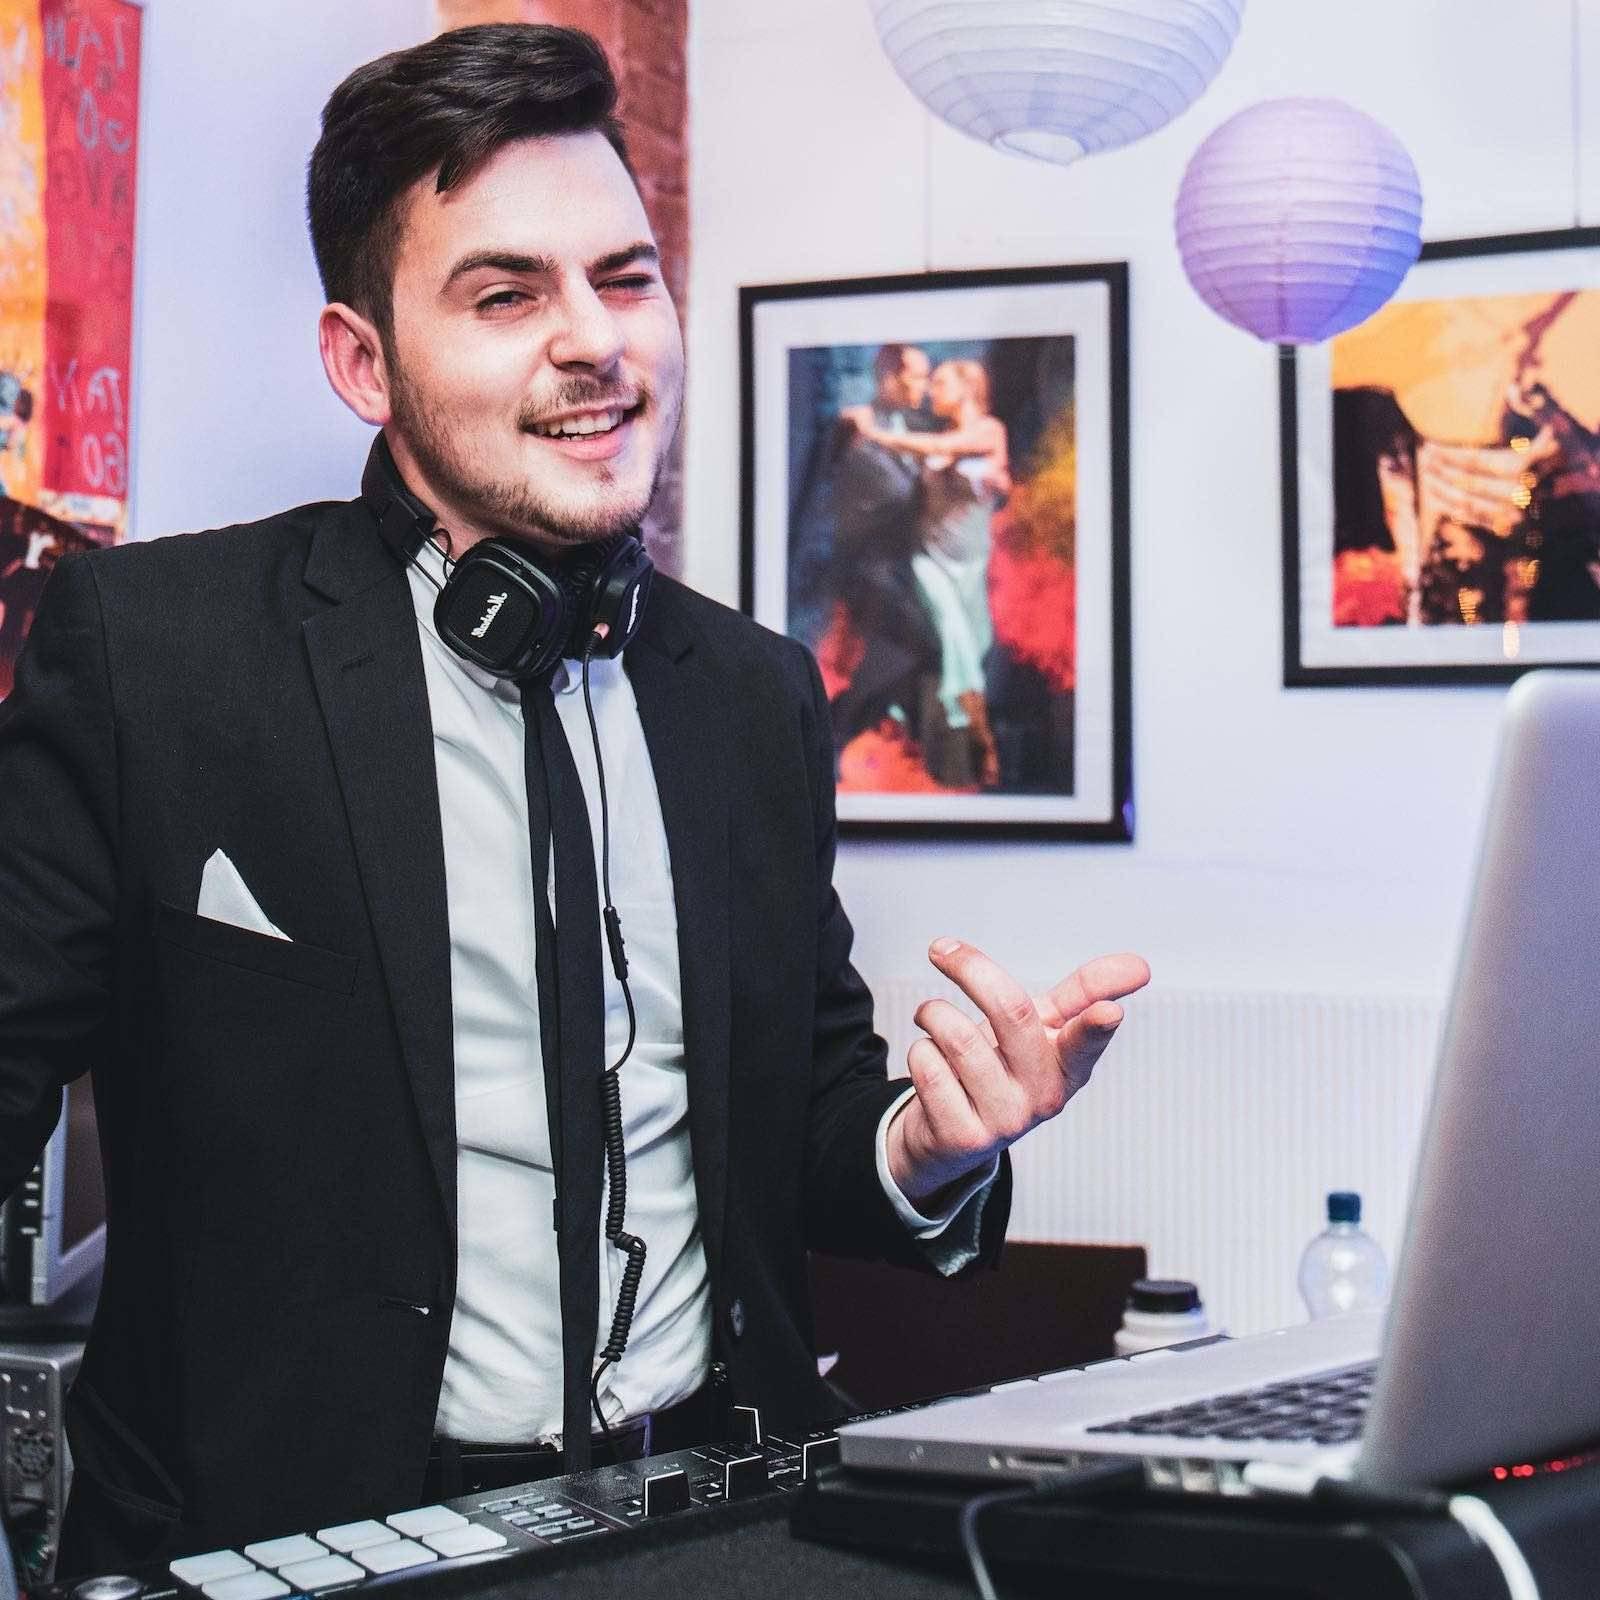 DJ | Hamburg | Mieten | Buchen | Hamburg | DJ | Hochzeit | Messe | DJ | Event | DJ | Geburtstag | DJ | Betriebsfeier | DJ | Buchen | Discjockey | Mieten | DJ | Agentur | DJ | Marvin | Hamburgfeiert